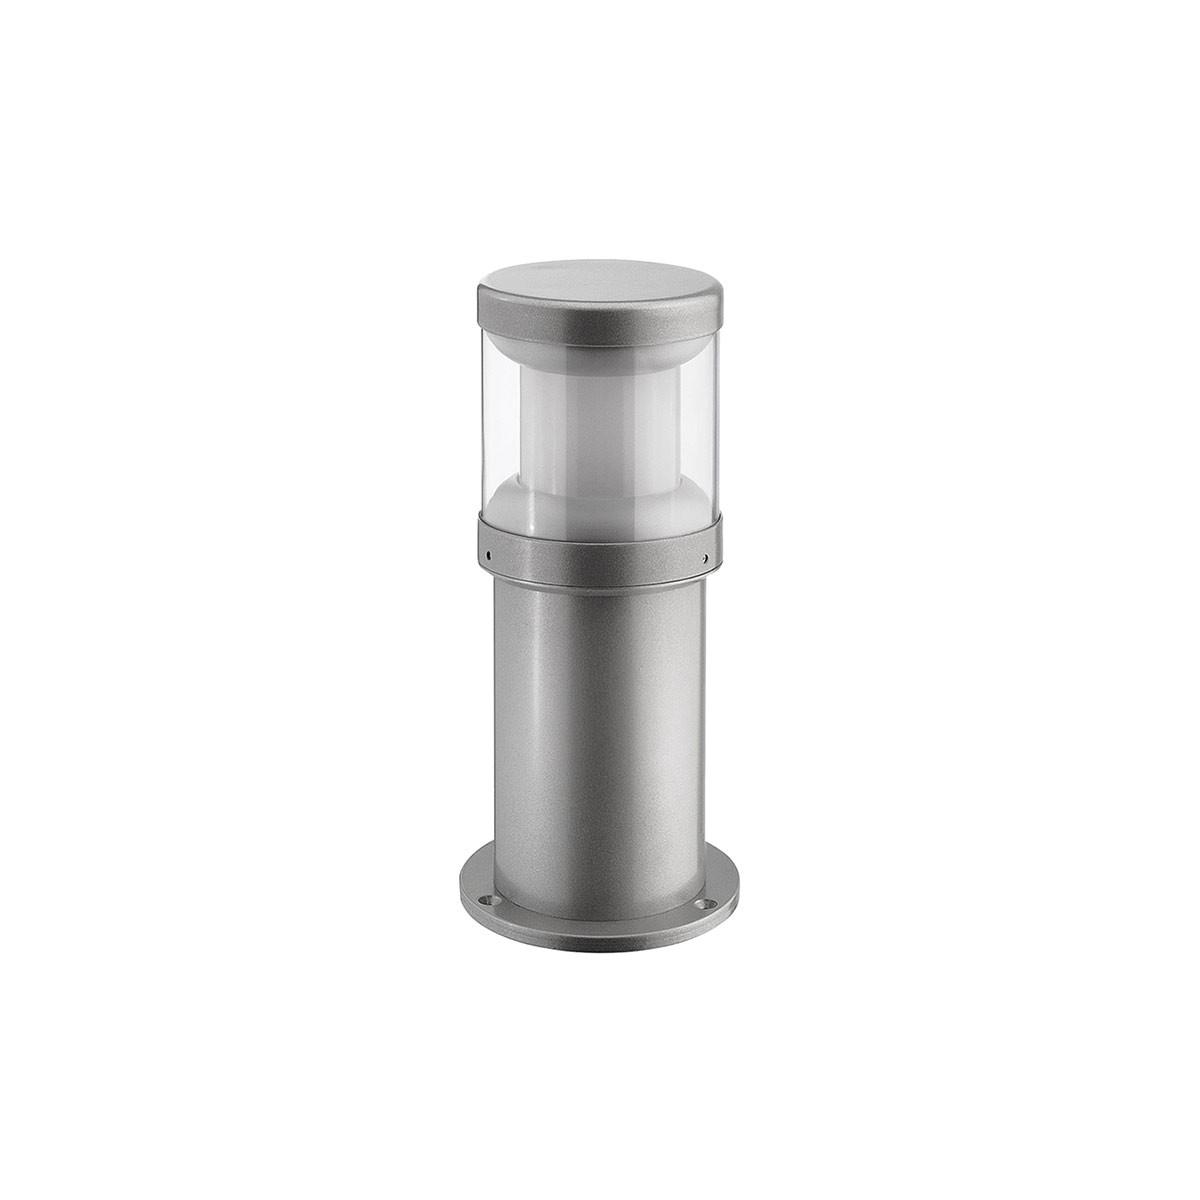 LCD Außenleuchten 1270/1271/1272 Pollerleuchte, Höhe: 35 cm, Silber